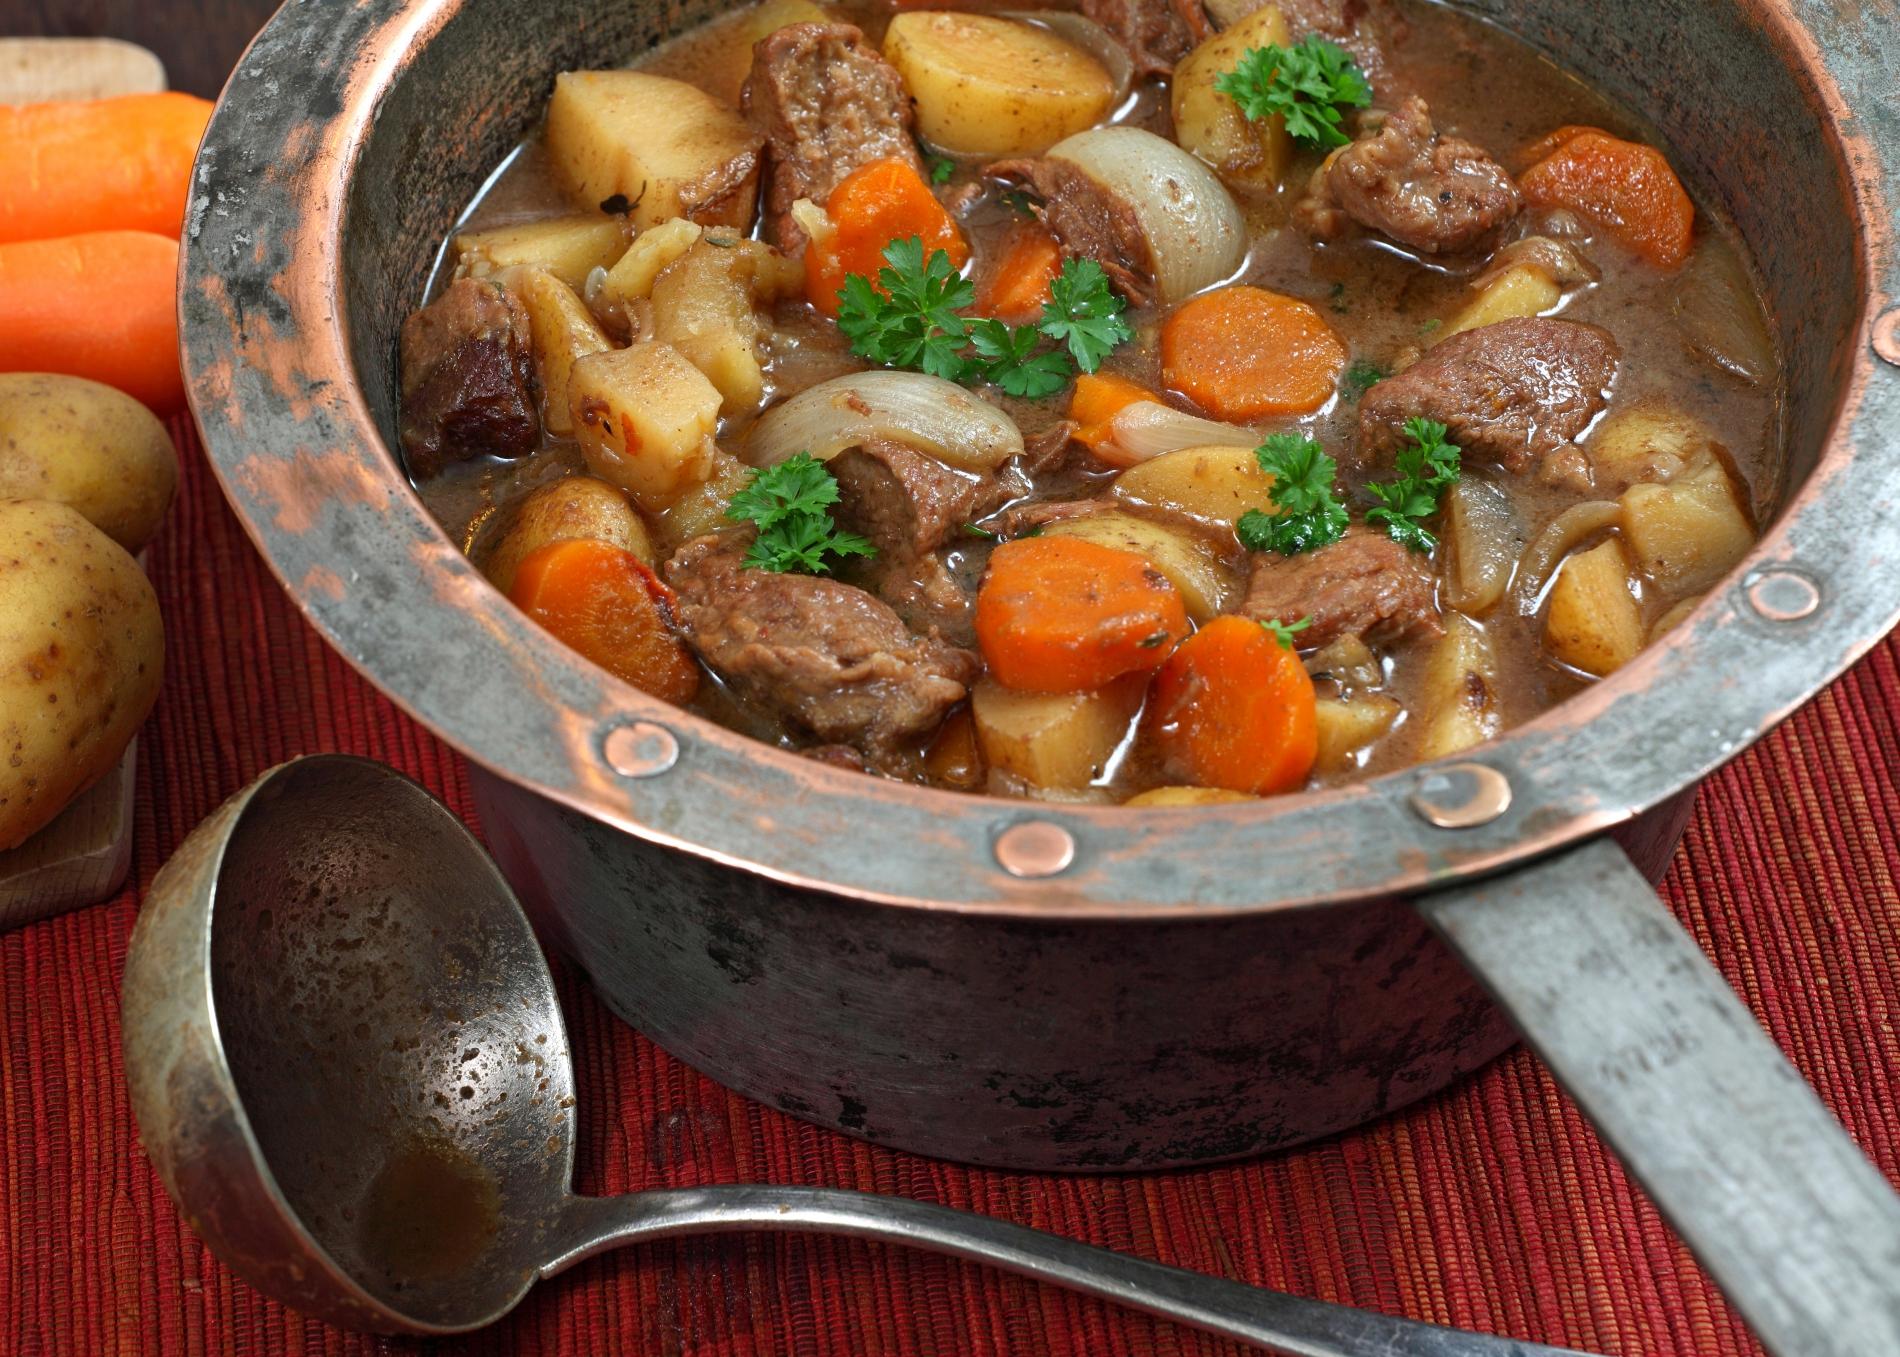 Meilleures recettes de la Saint-Patrick: bœuf salé et chou, ragoût irlandais, etc.